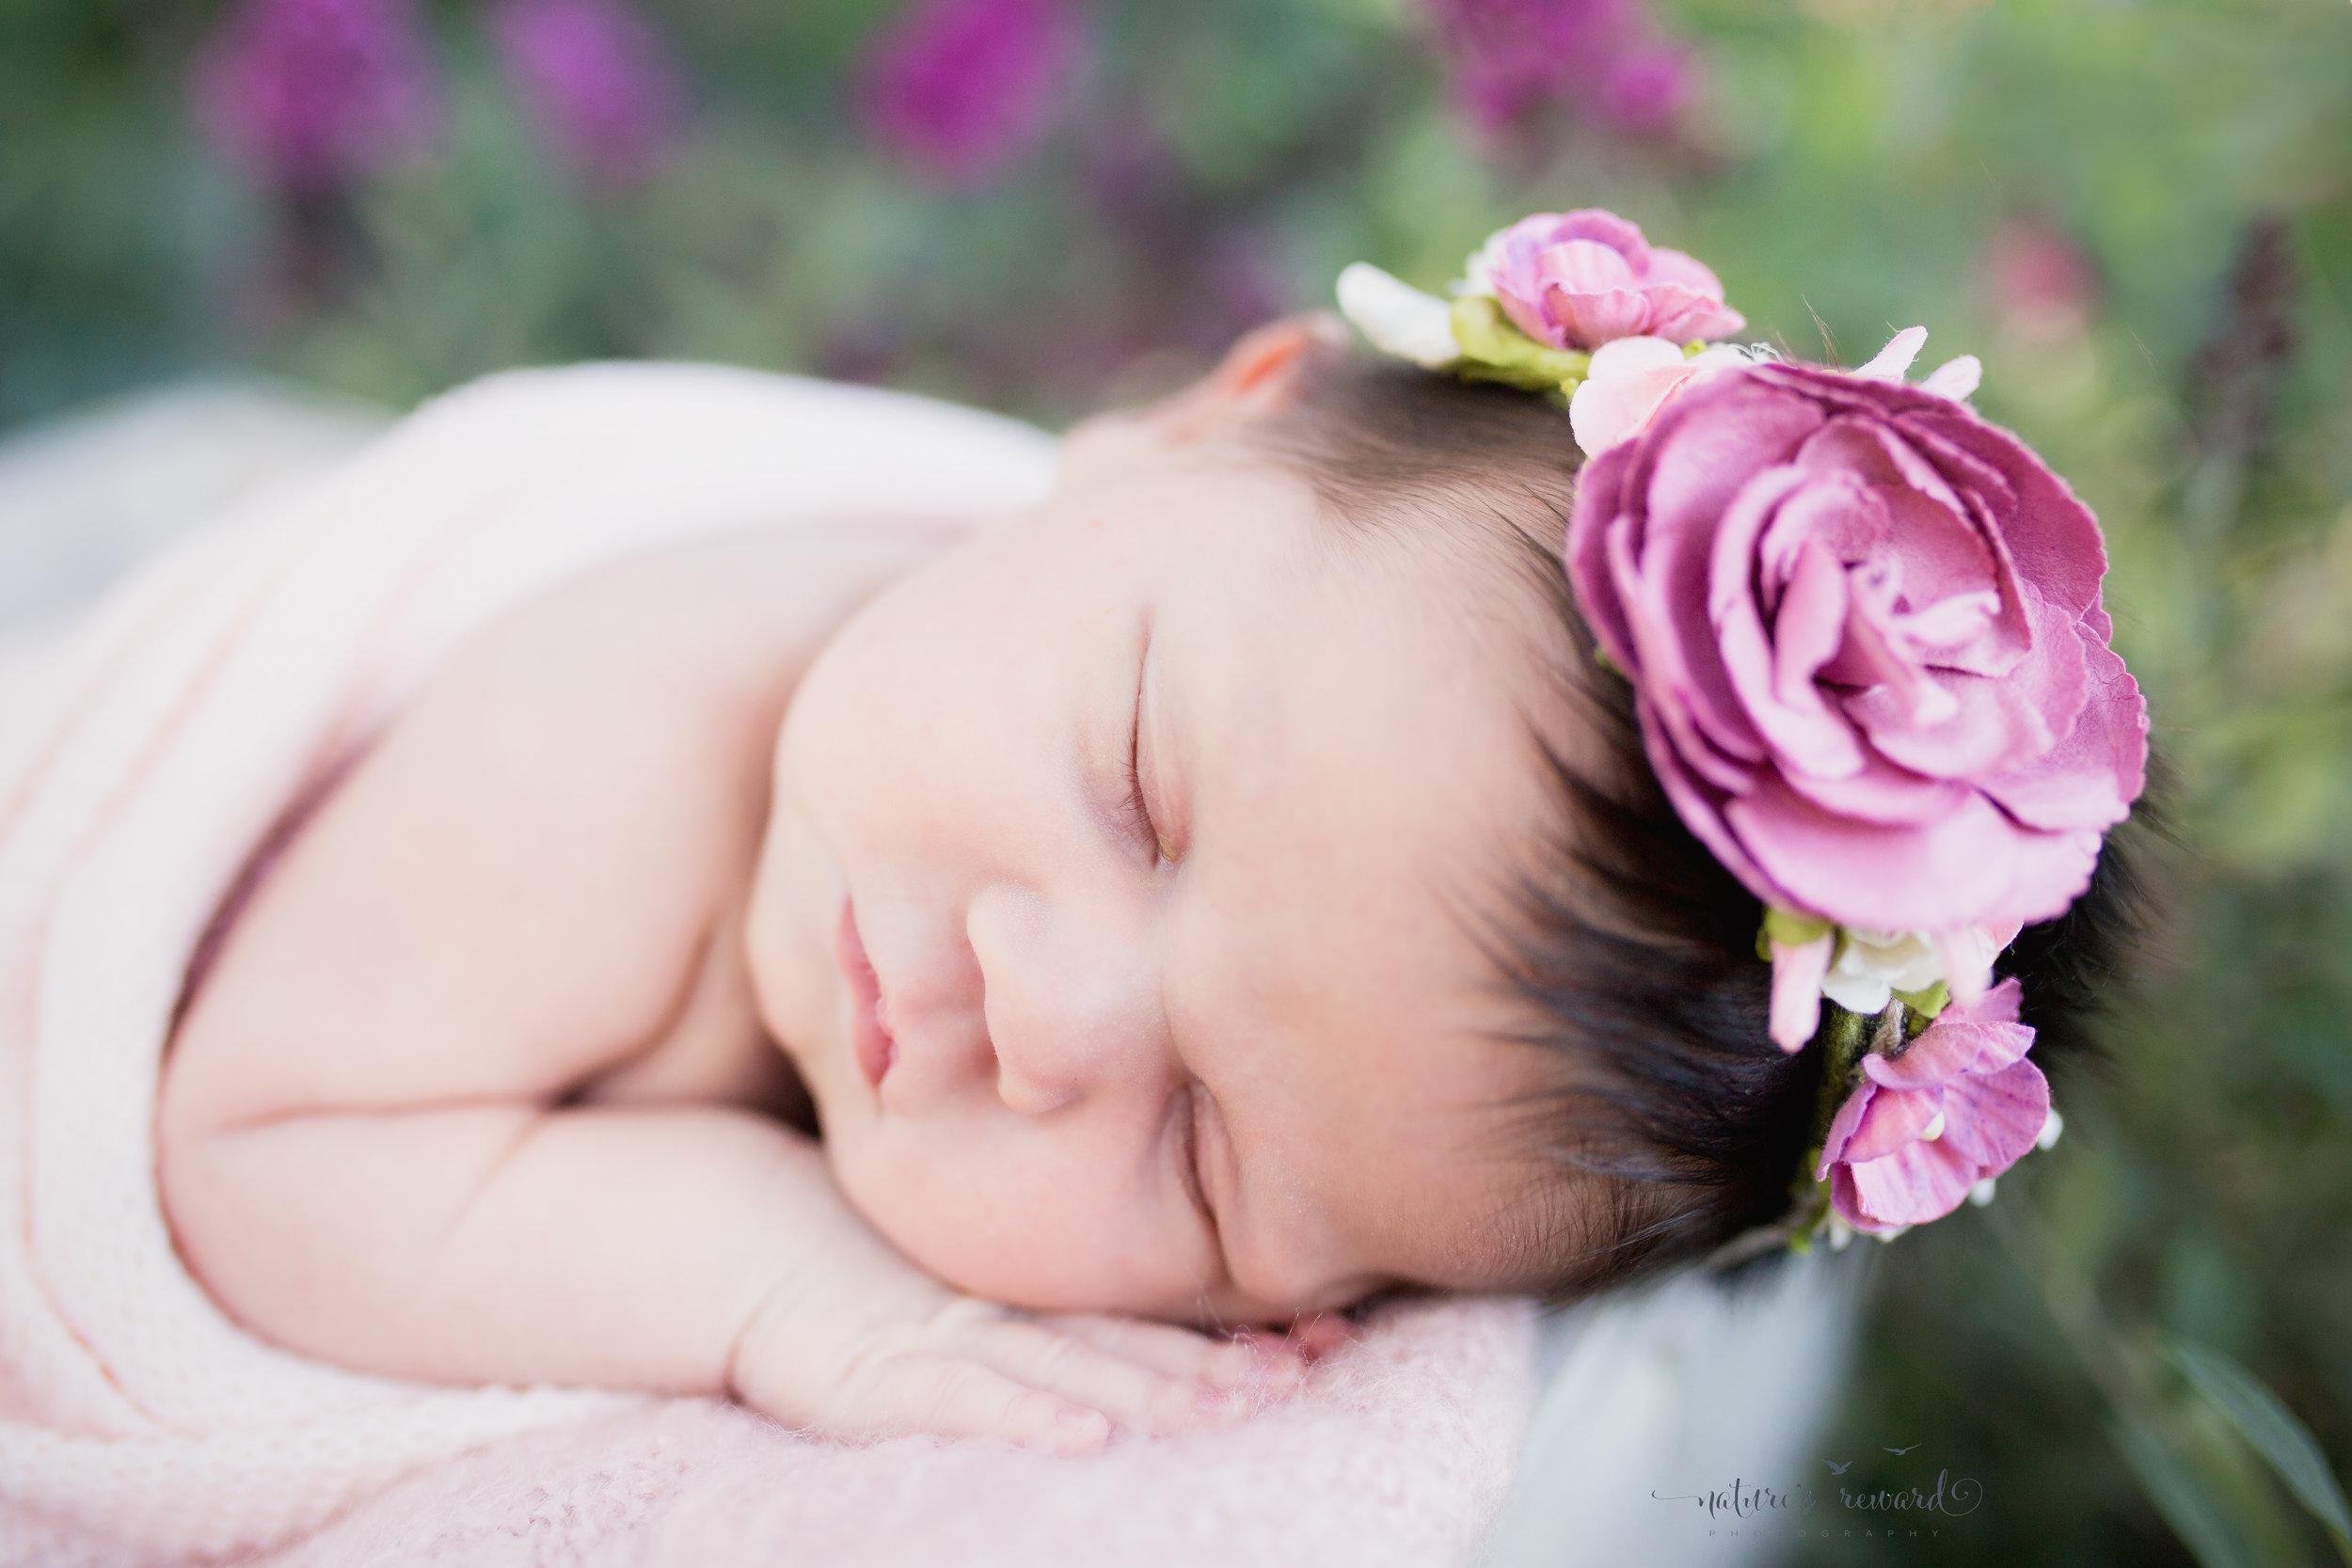 Beauty sleeps